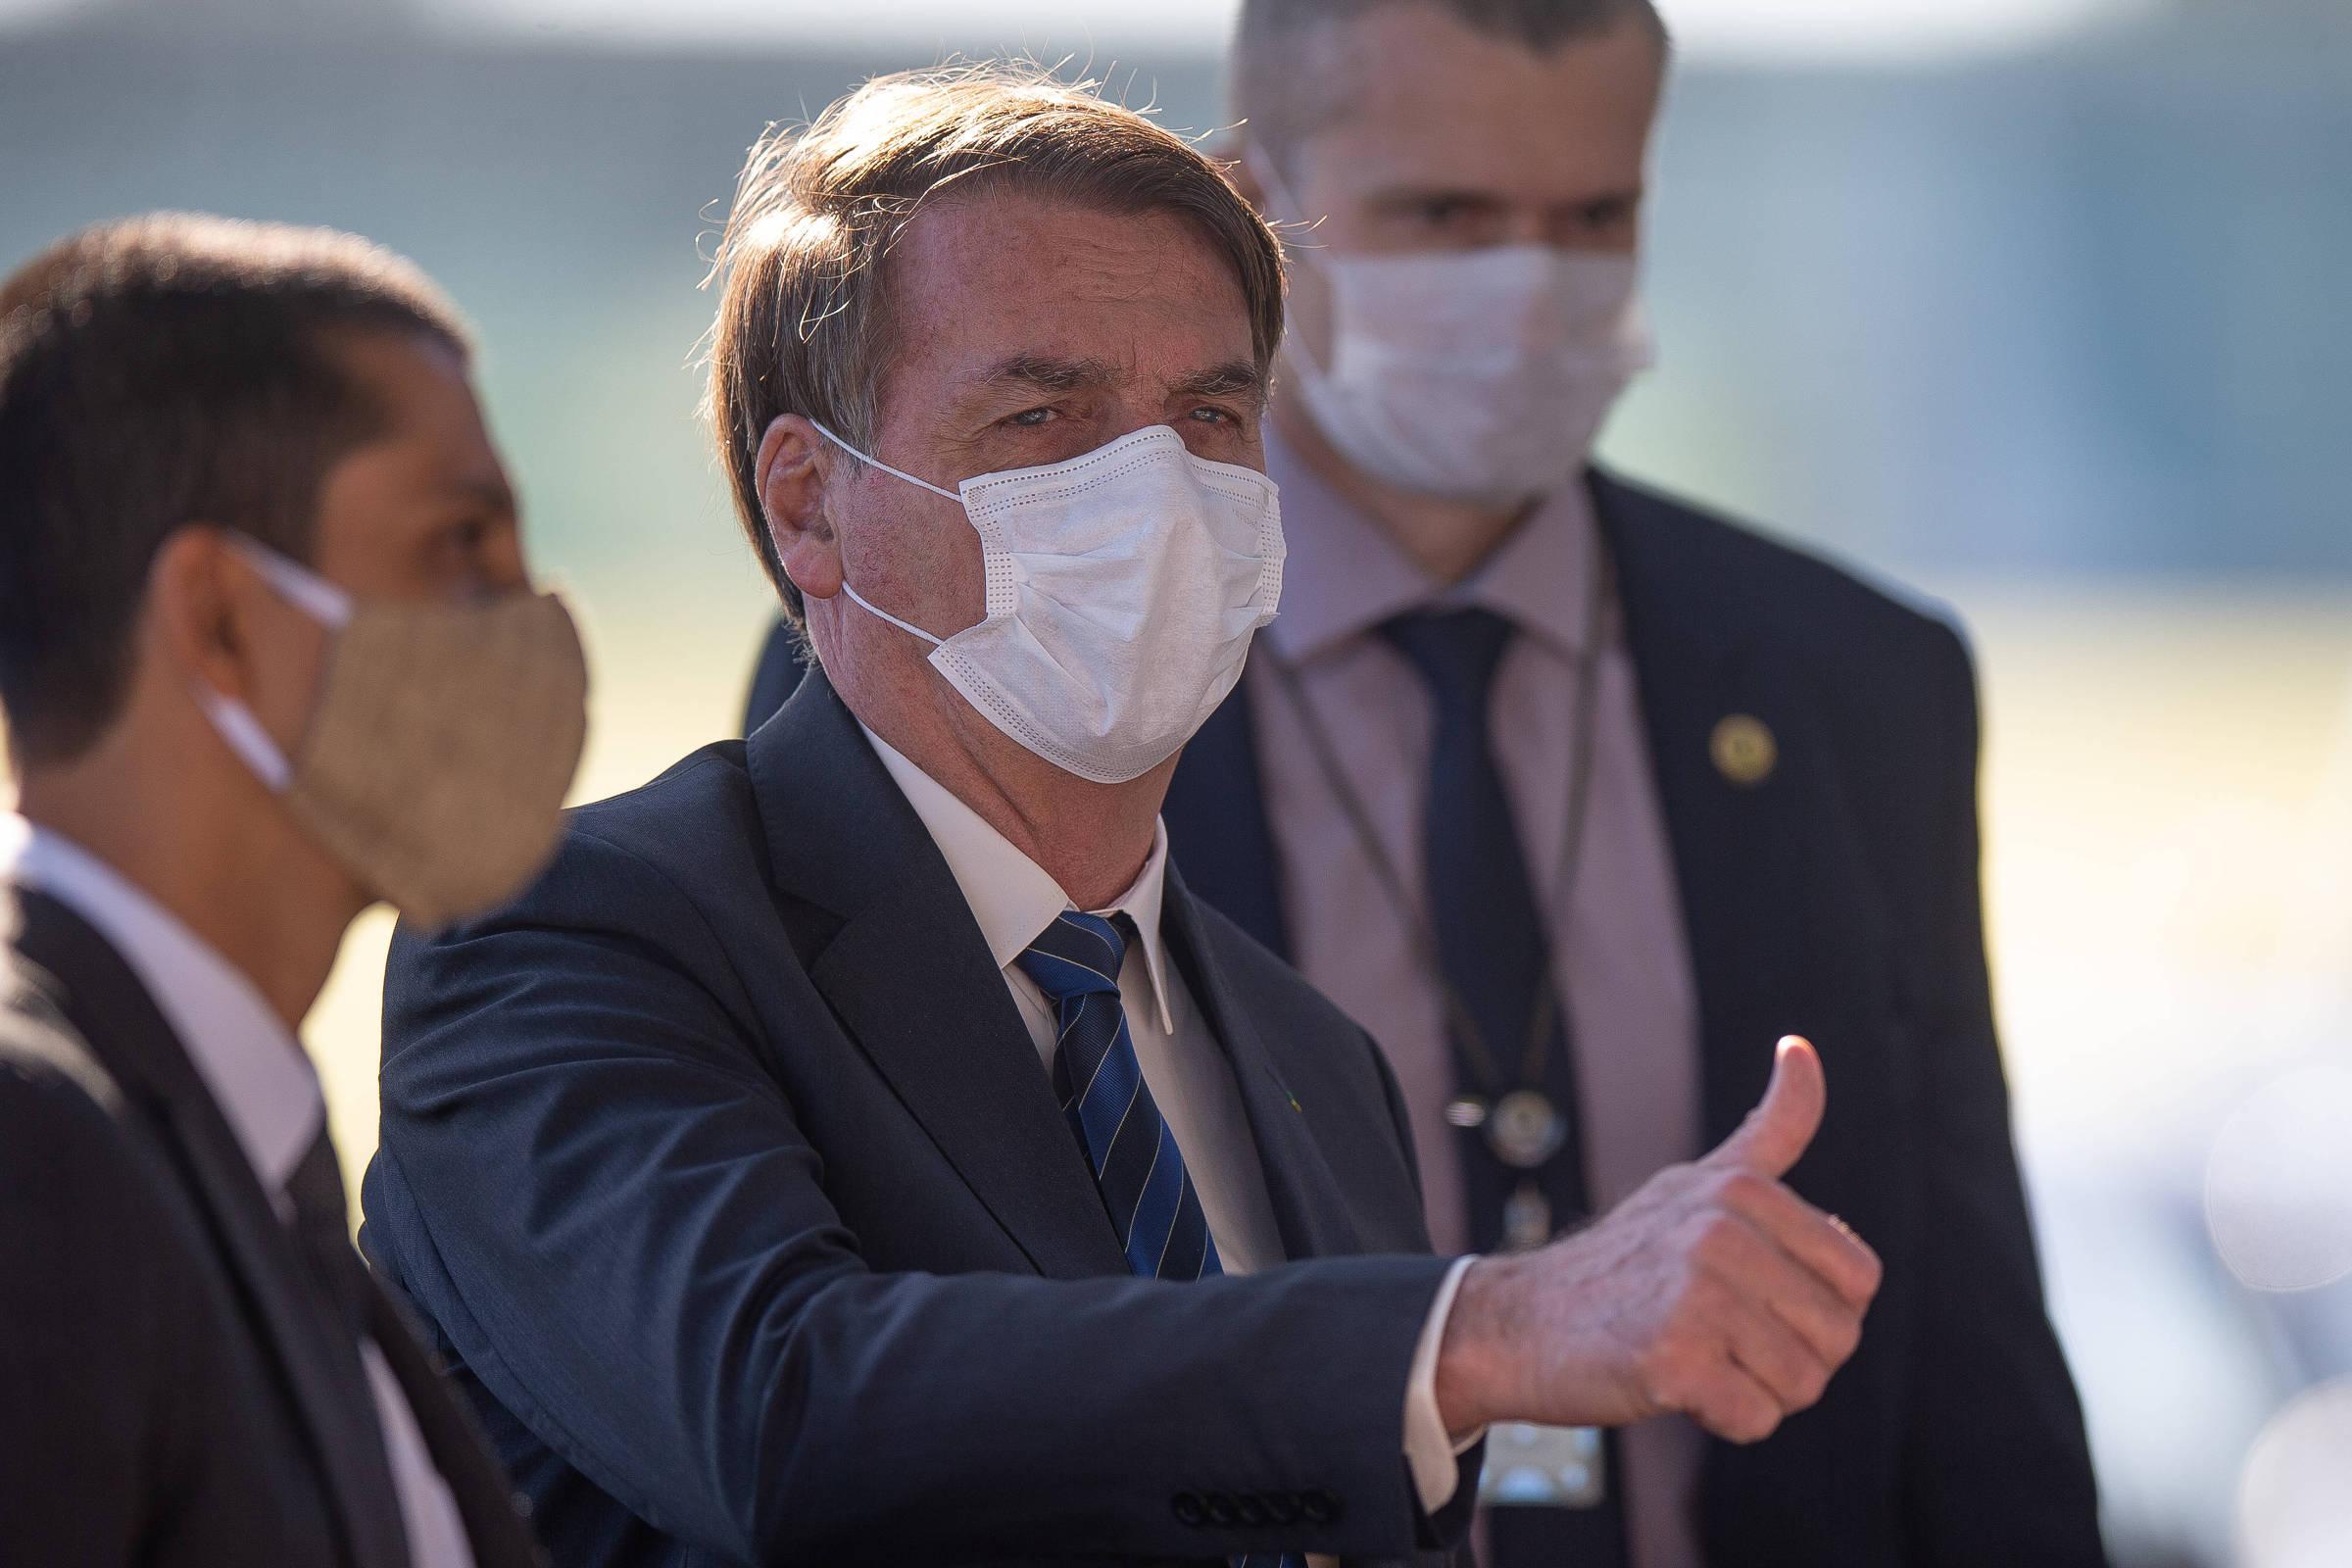 Cúpula do Congresso busca contornar crise após Bolsonaro subir tom de ameaças ao Supremo